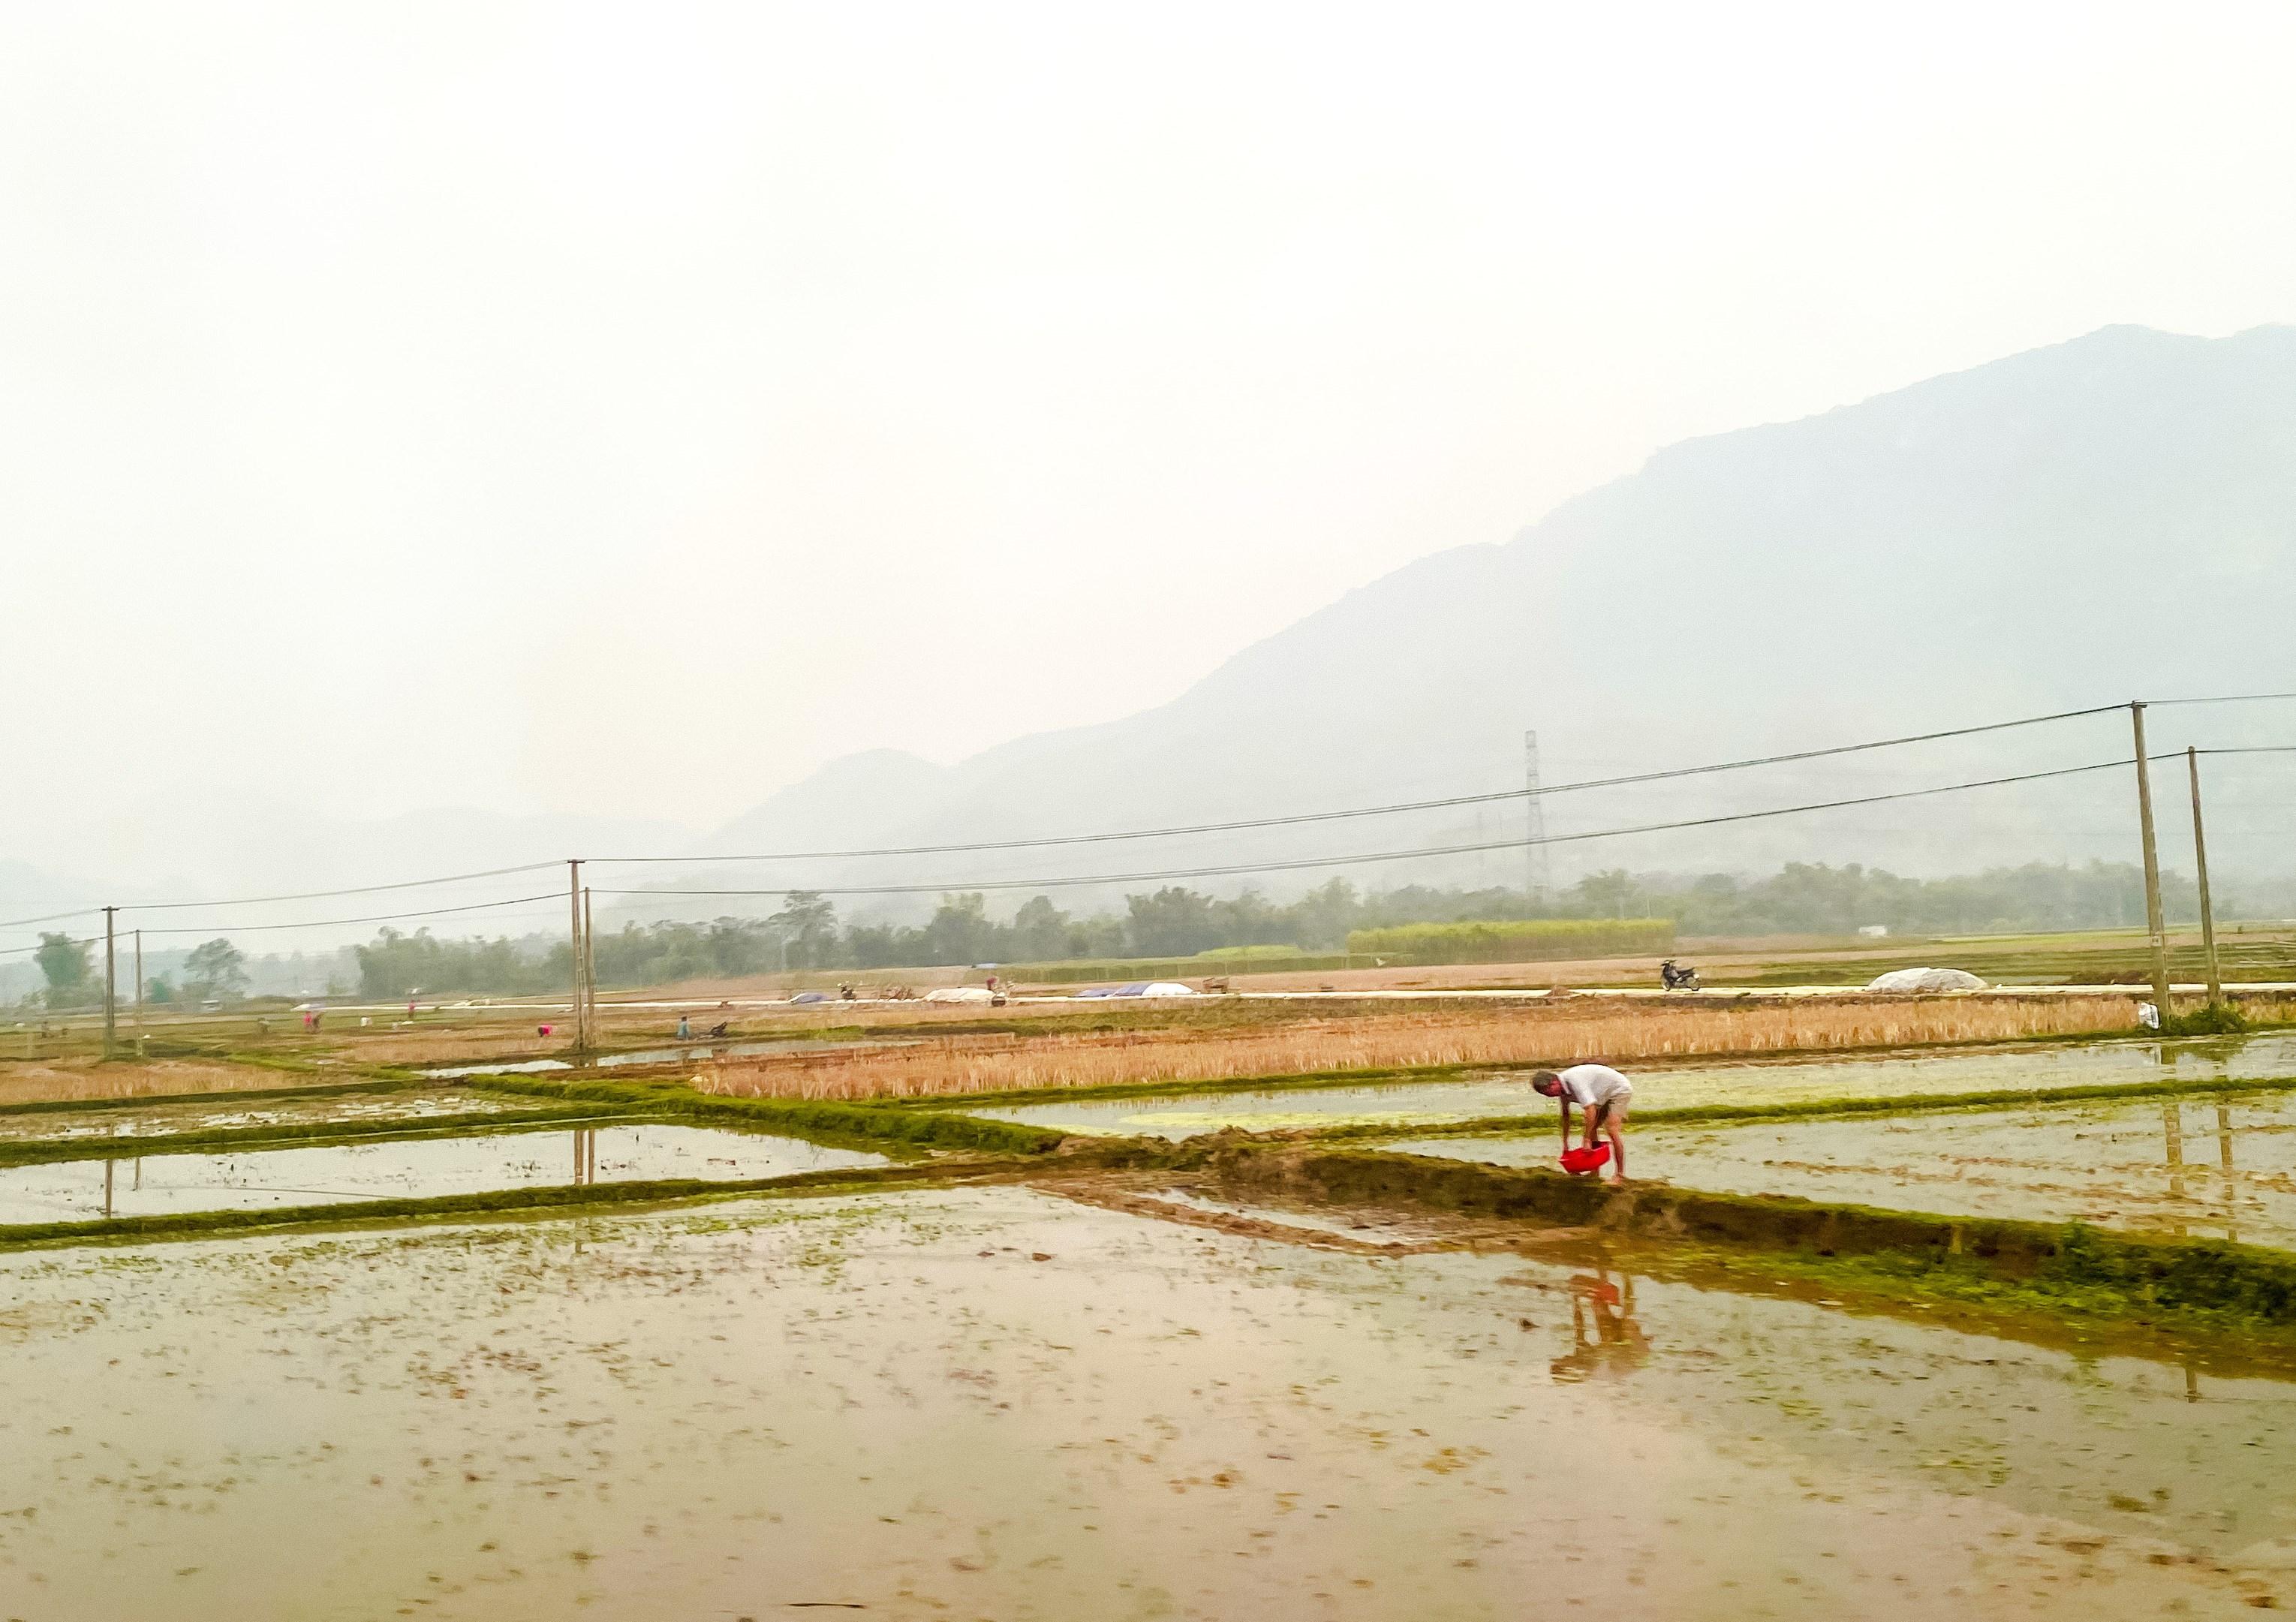 Các công trình kênh mương thủy lợi được xây dựng và đưa vào sử dụng đã tạo điều kiện cho đồng bào dân tộc thiểu số ở Sơn La phát triển sản xuất